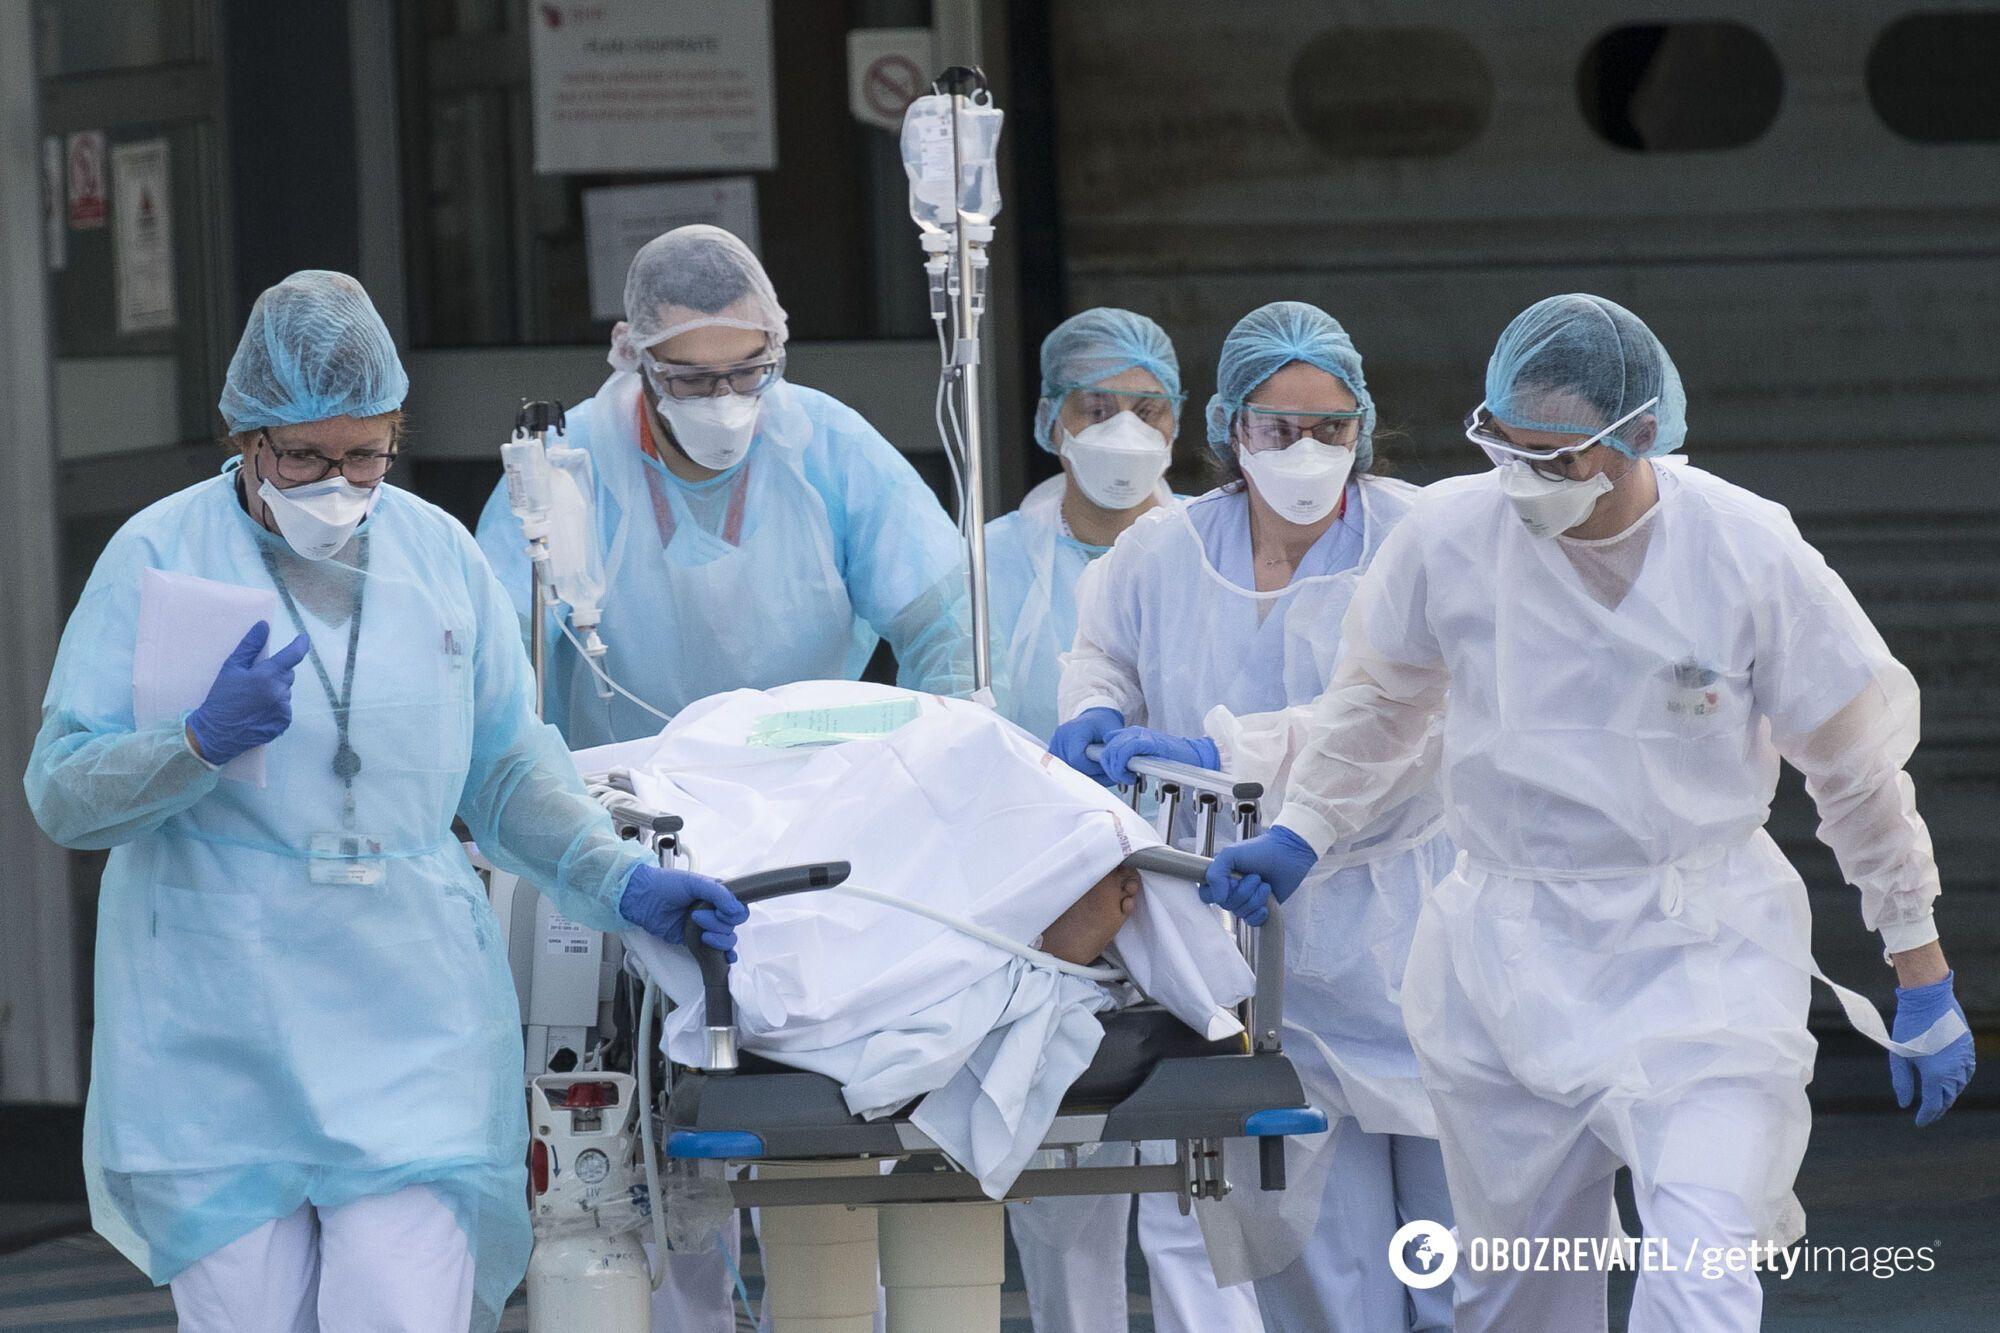 Повторное инфицирование коронавирусом имеет более тяжелое течение, говорят врачи